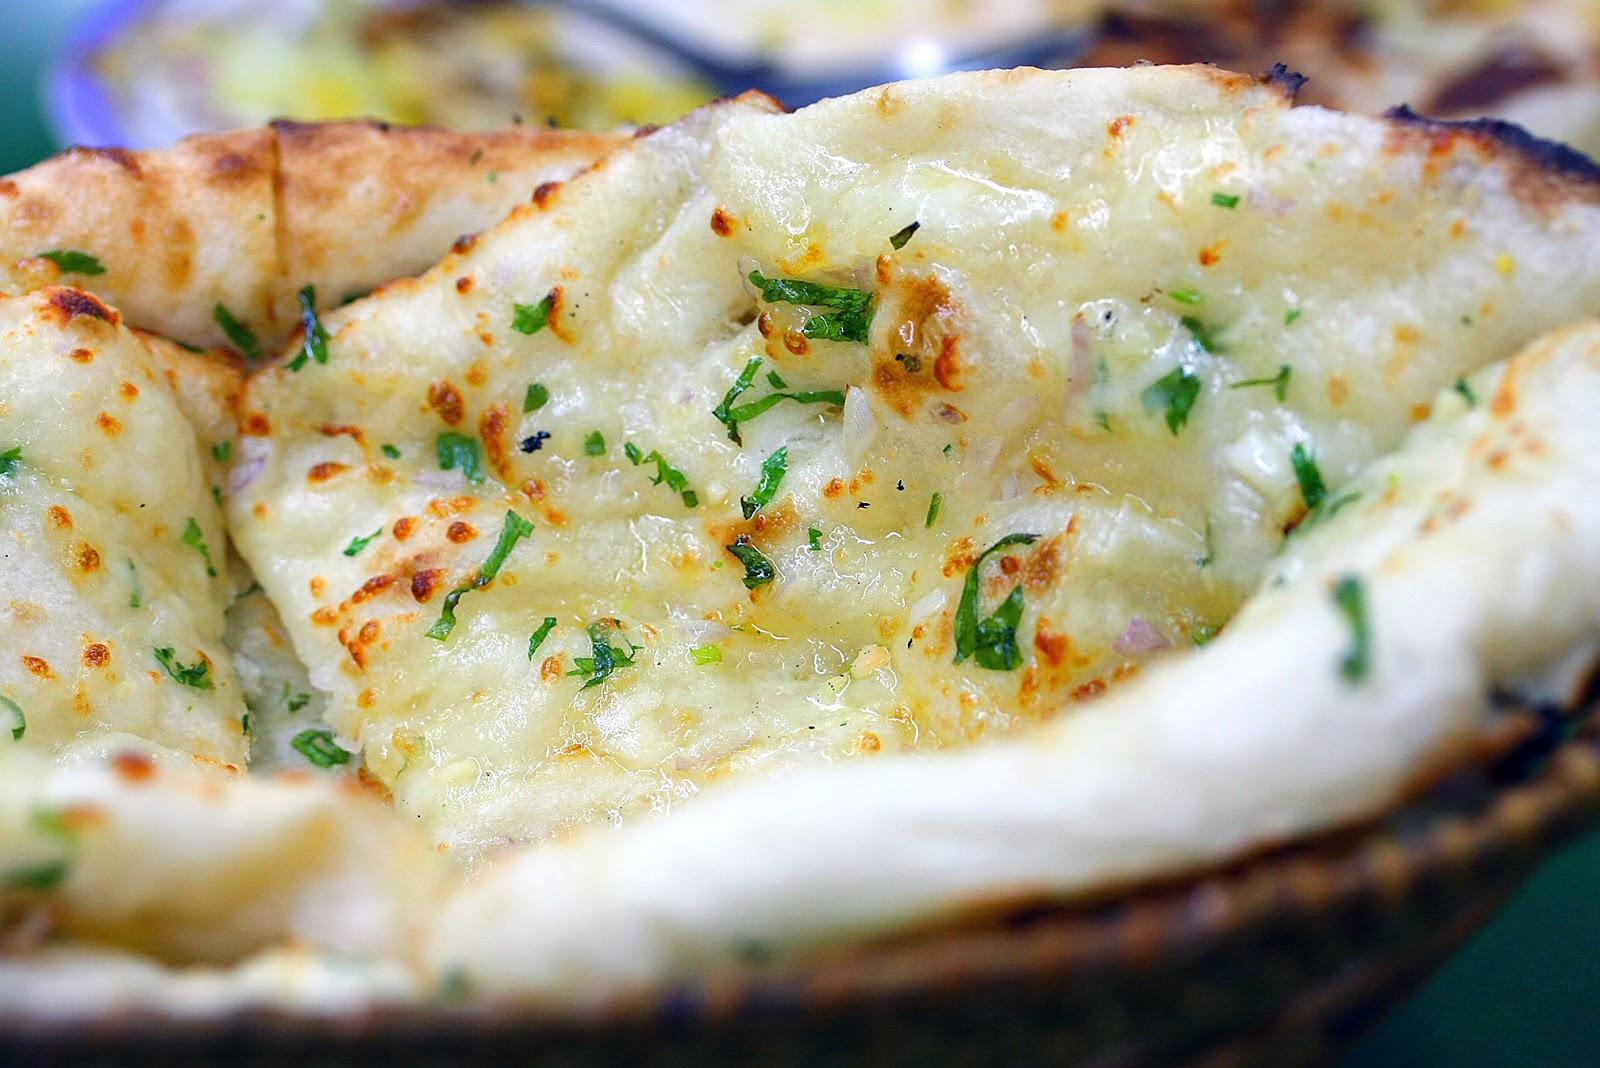 resepi homemade roti cheese naan leleh zon wanita Resepi Kari Guna Yogurt Enak dan Mudah